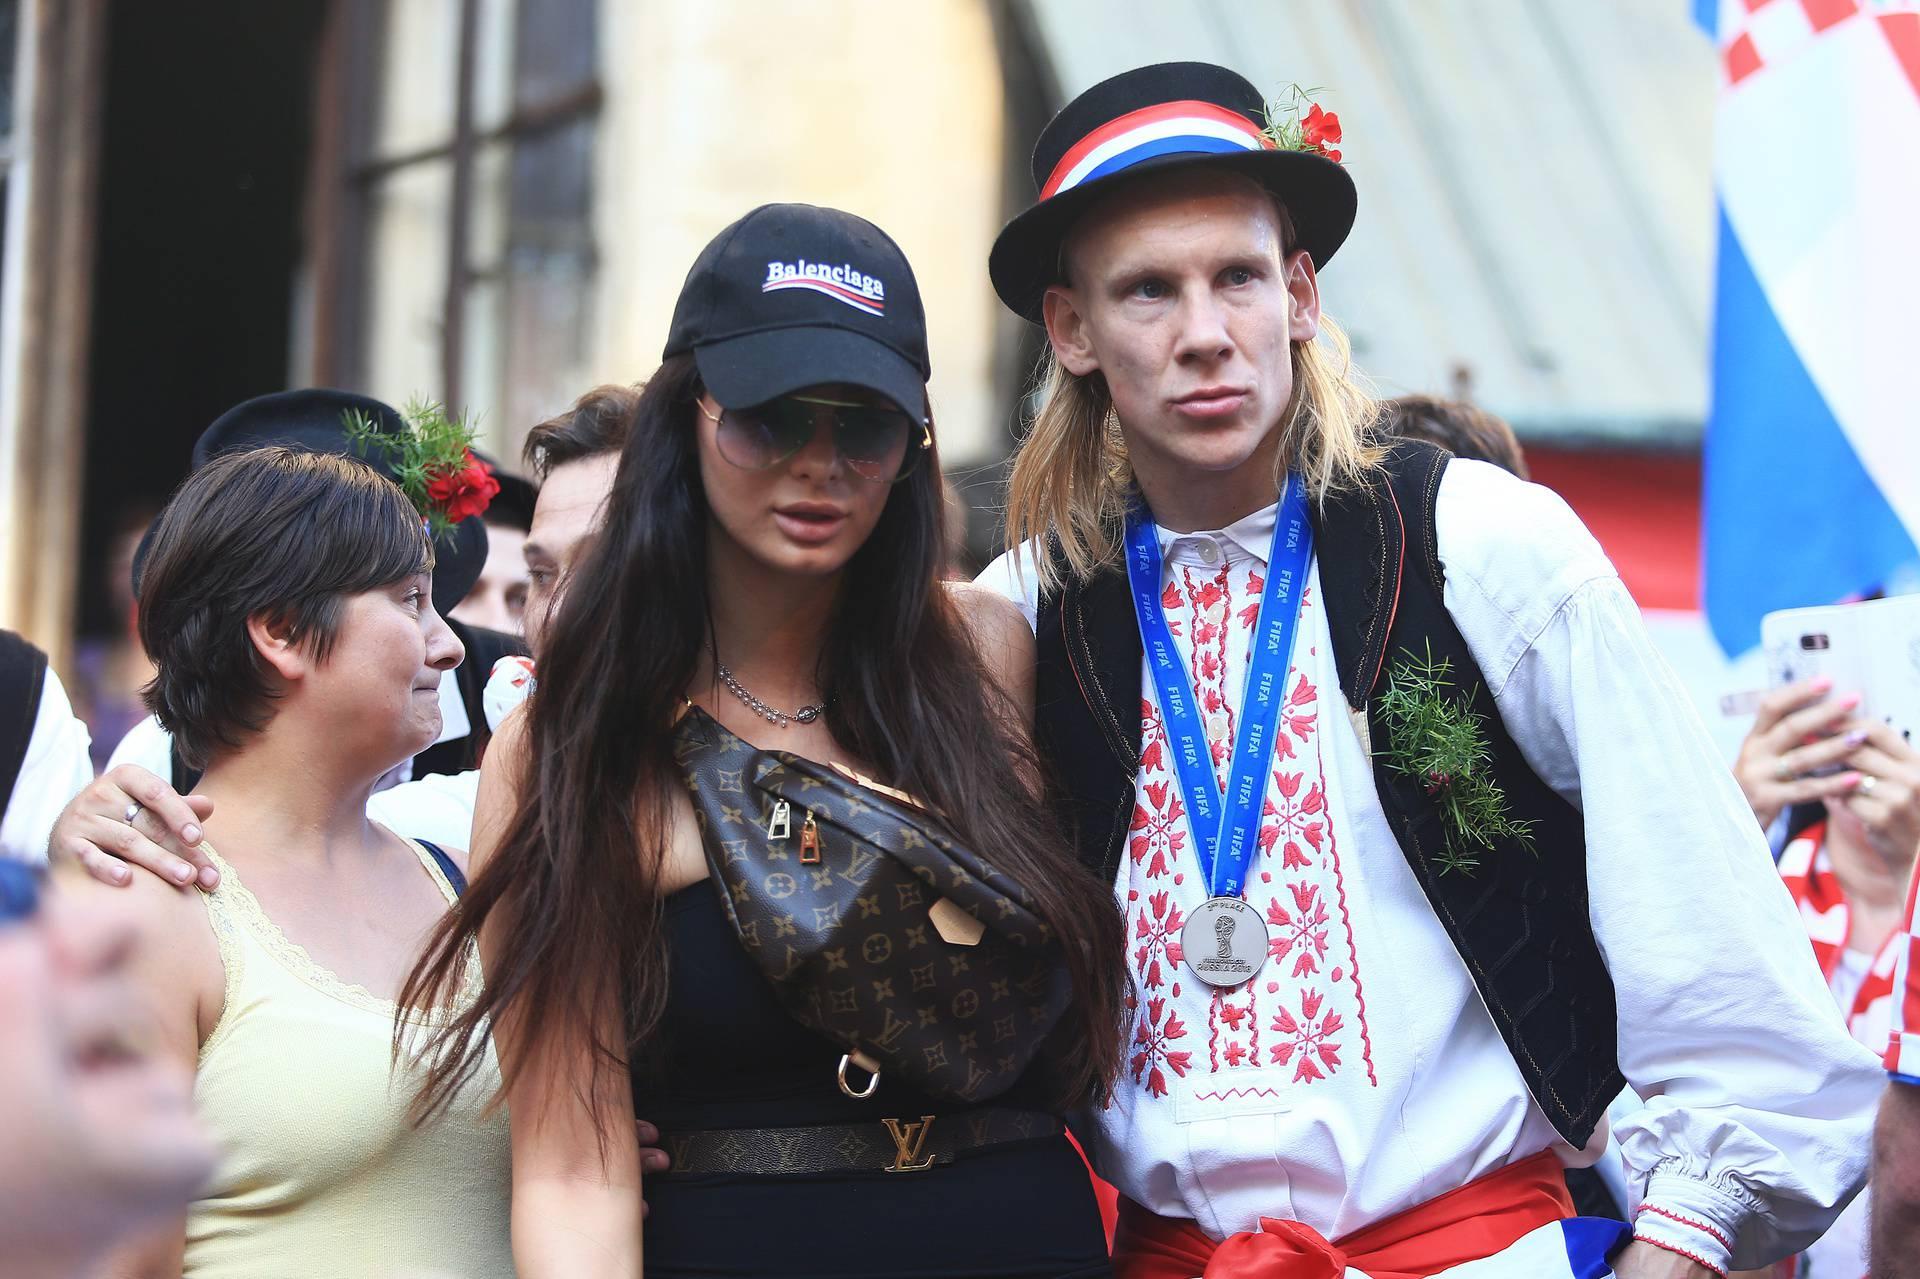 Nakon Domagoja i Ivana Vida ima koronu, ispada joj kosa...